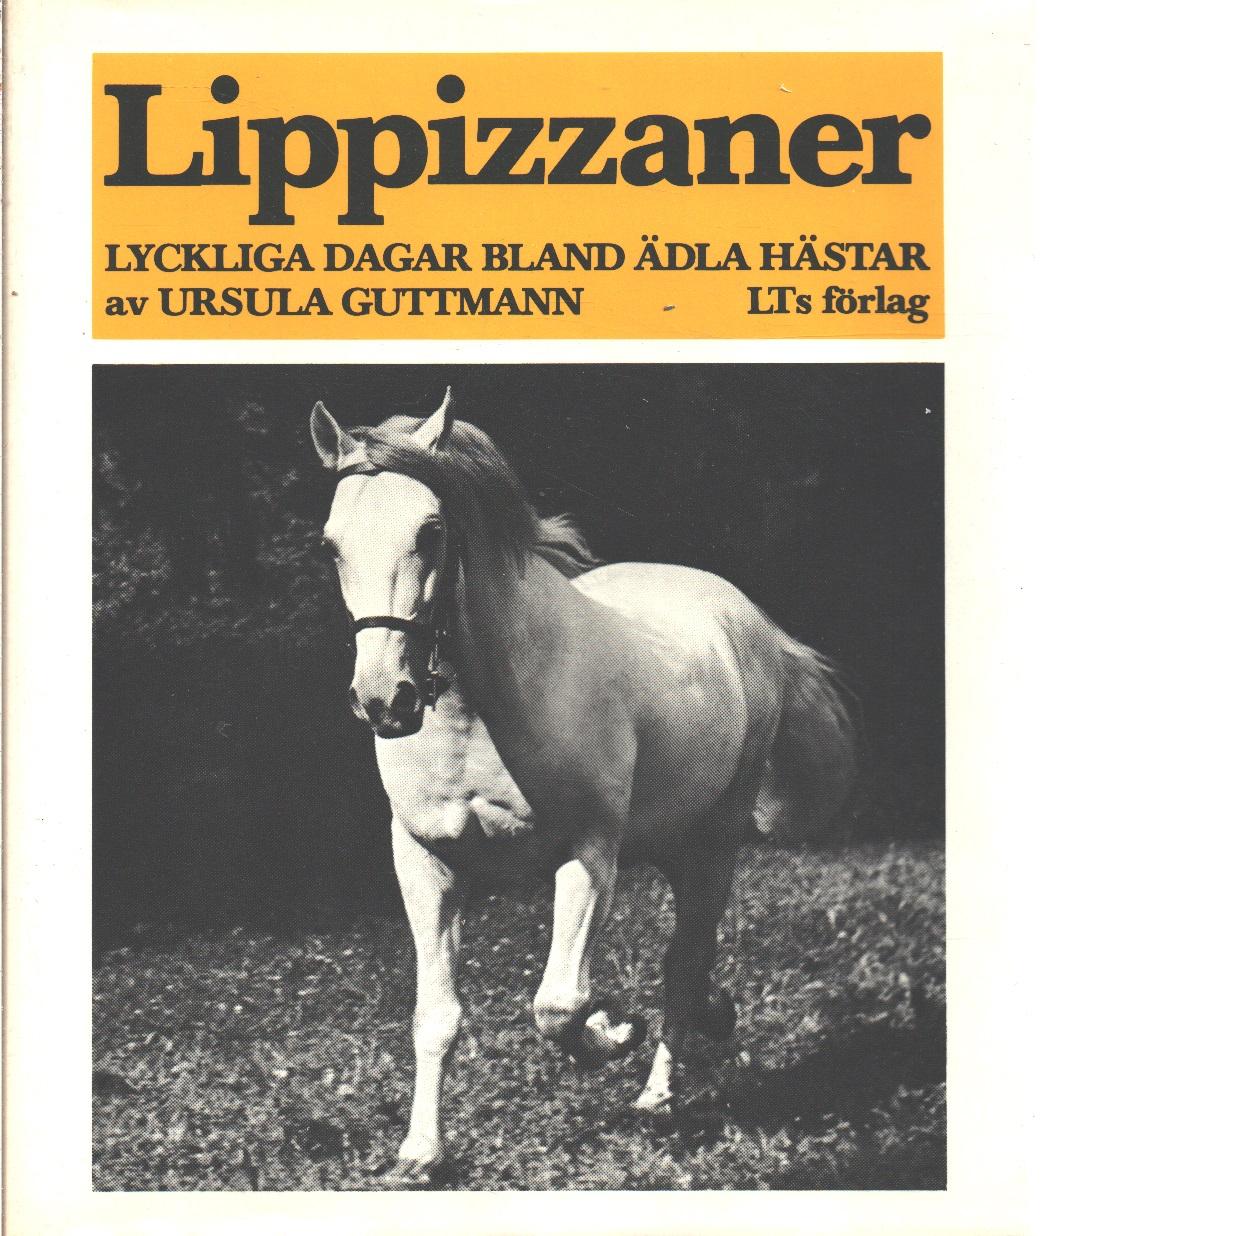 Lippizzaner : lyckliga dagar bland ädla hästar  - Guttmann, Ursula